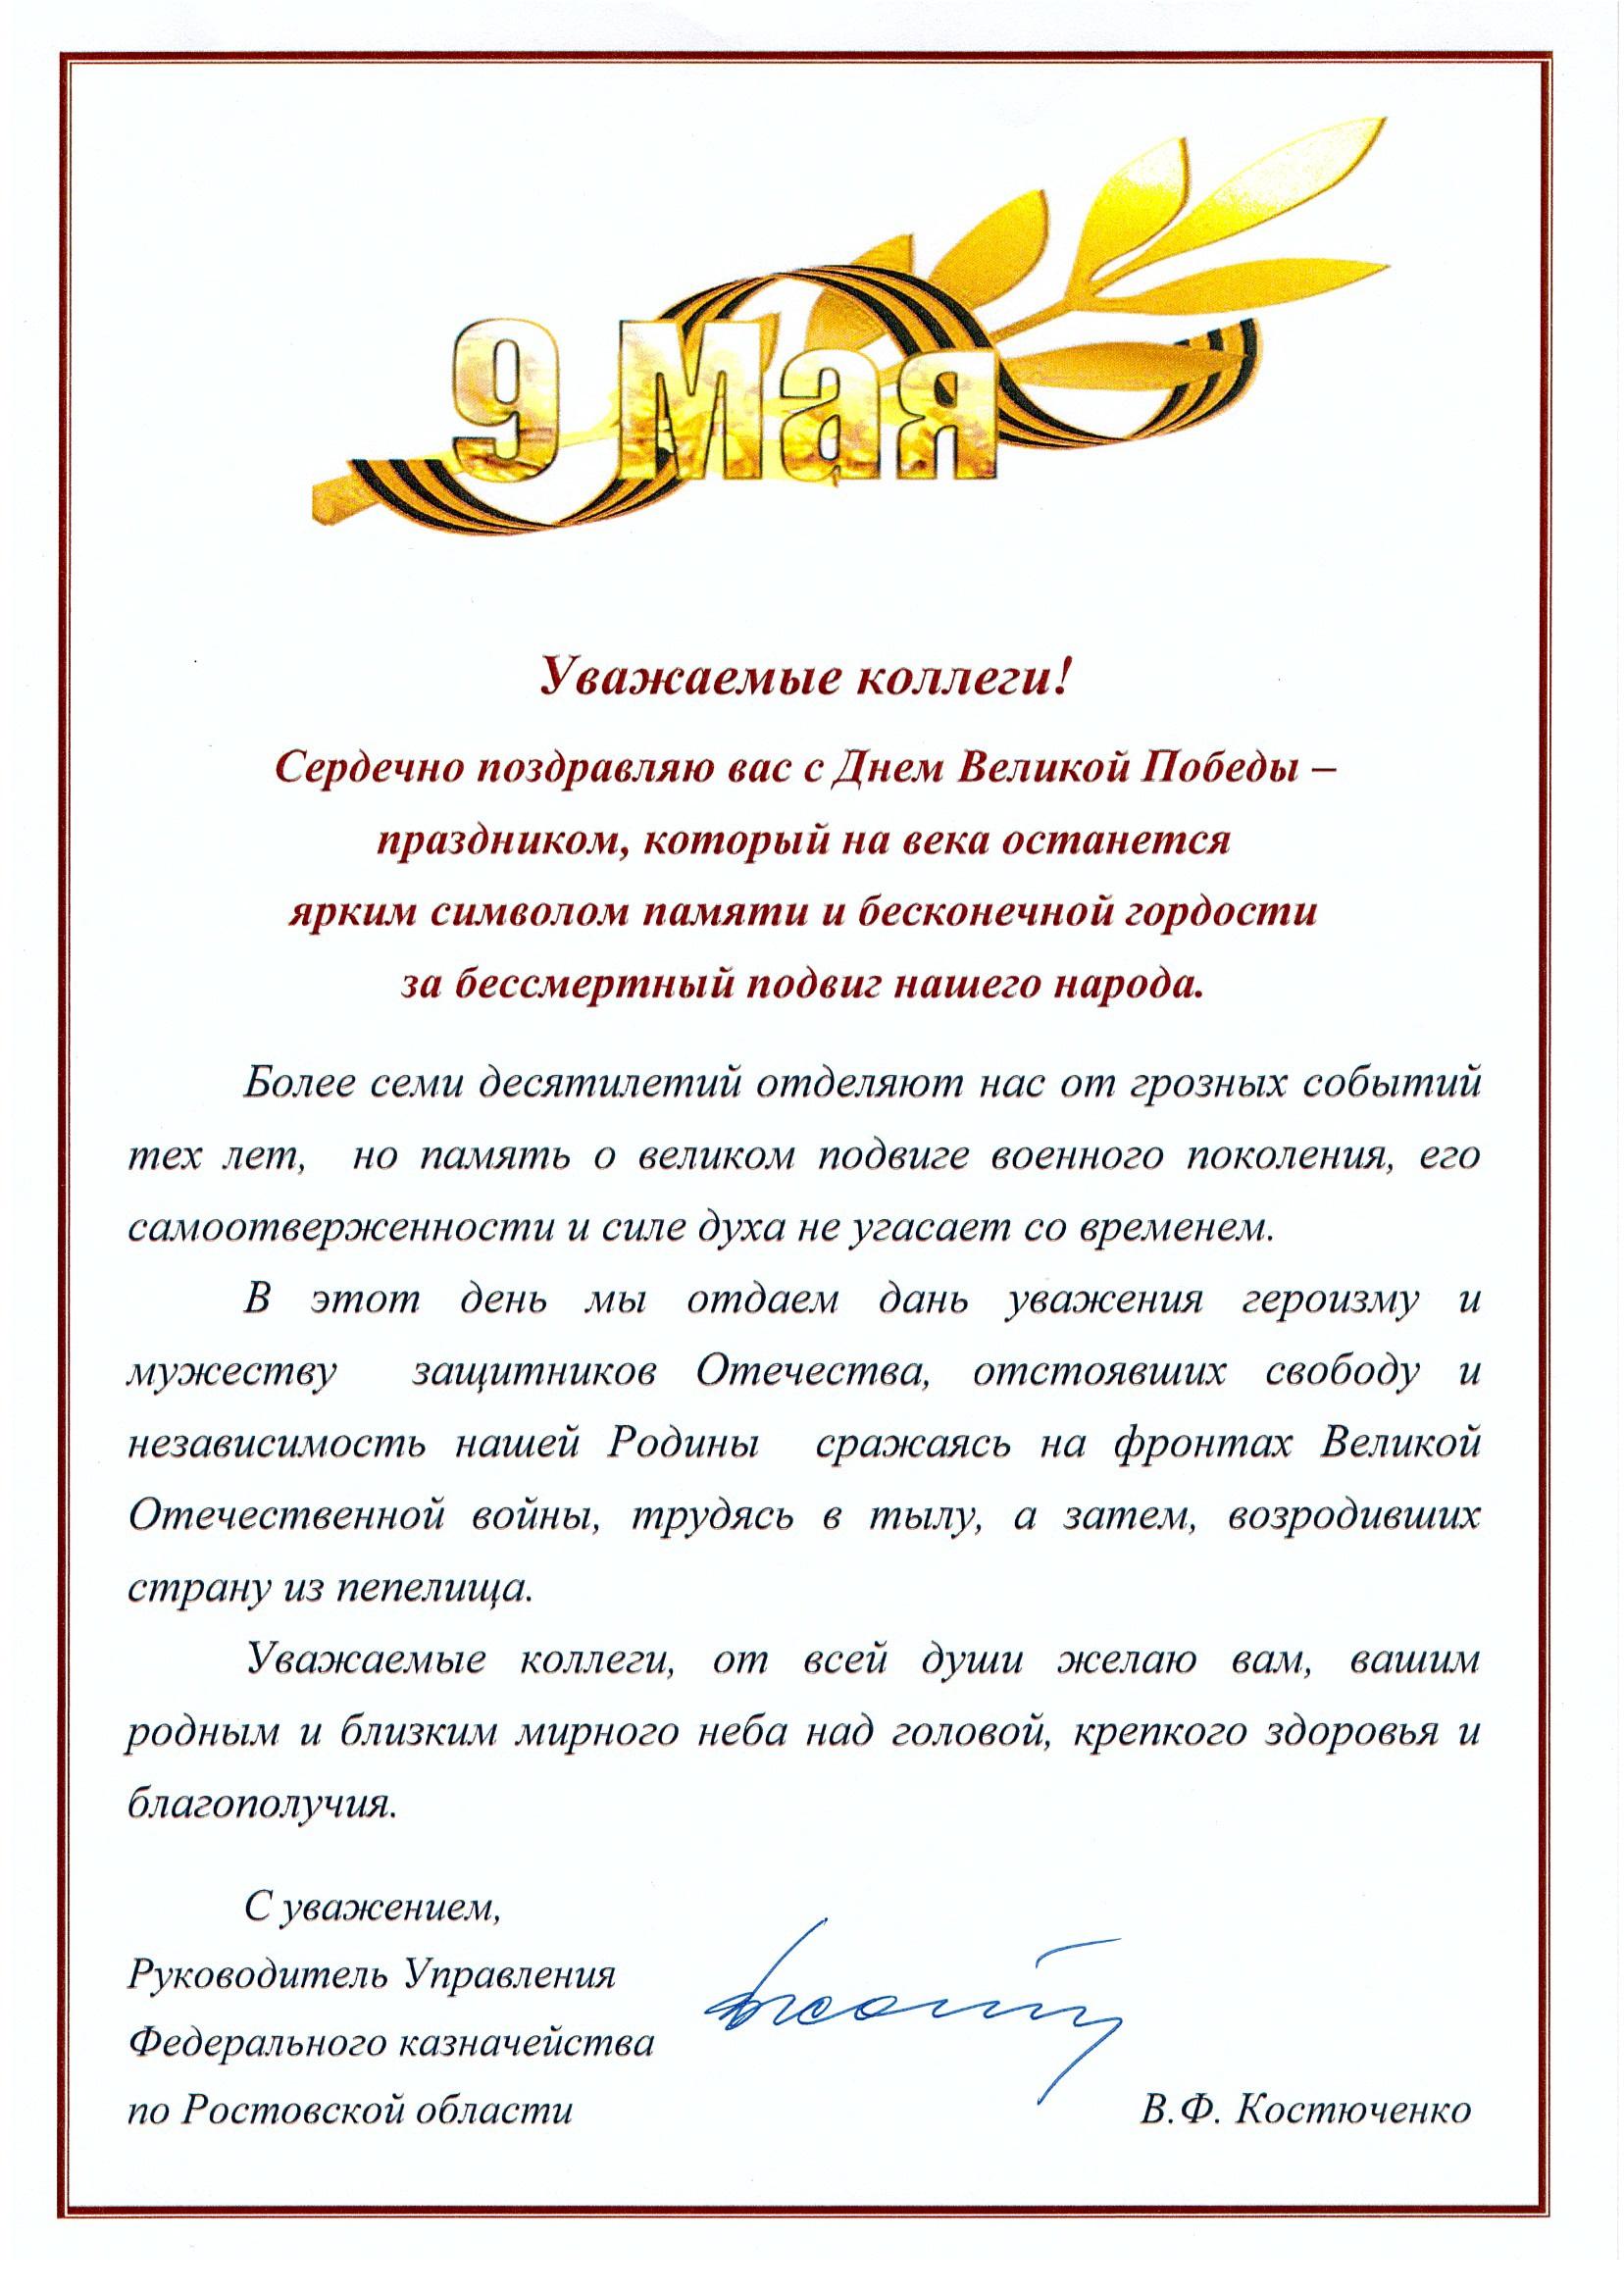 Рождения поздравления официальное поздравление руководителю